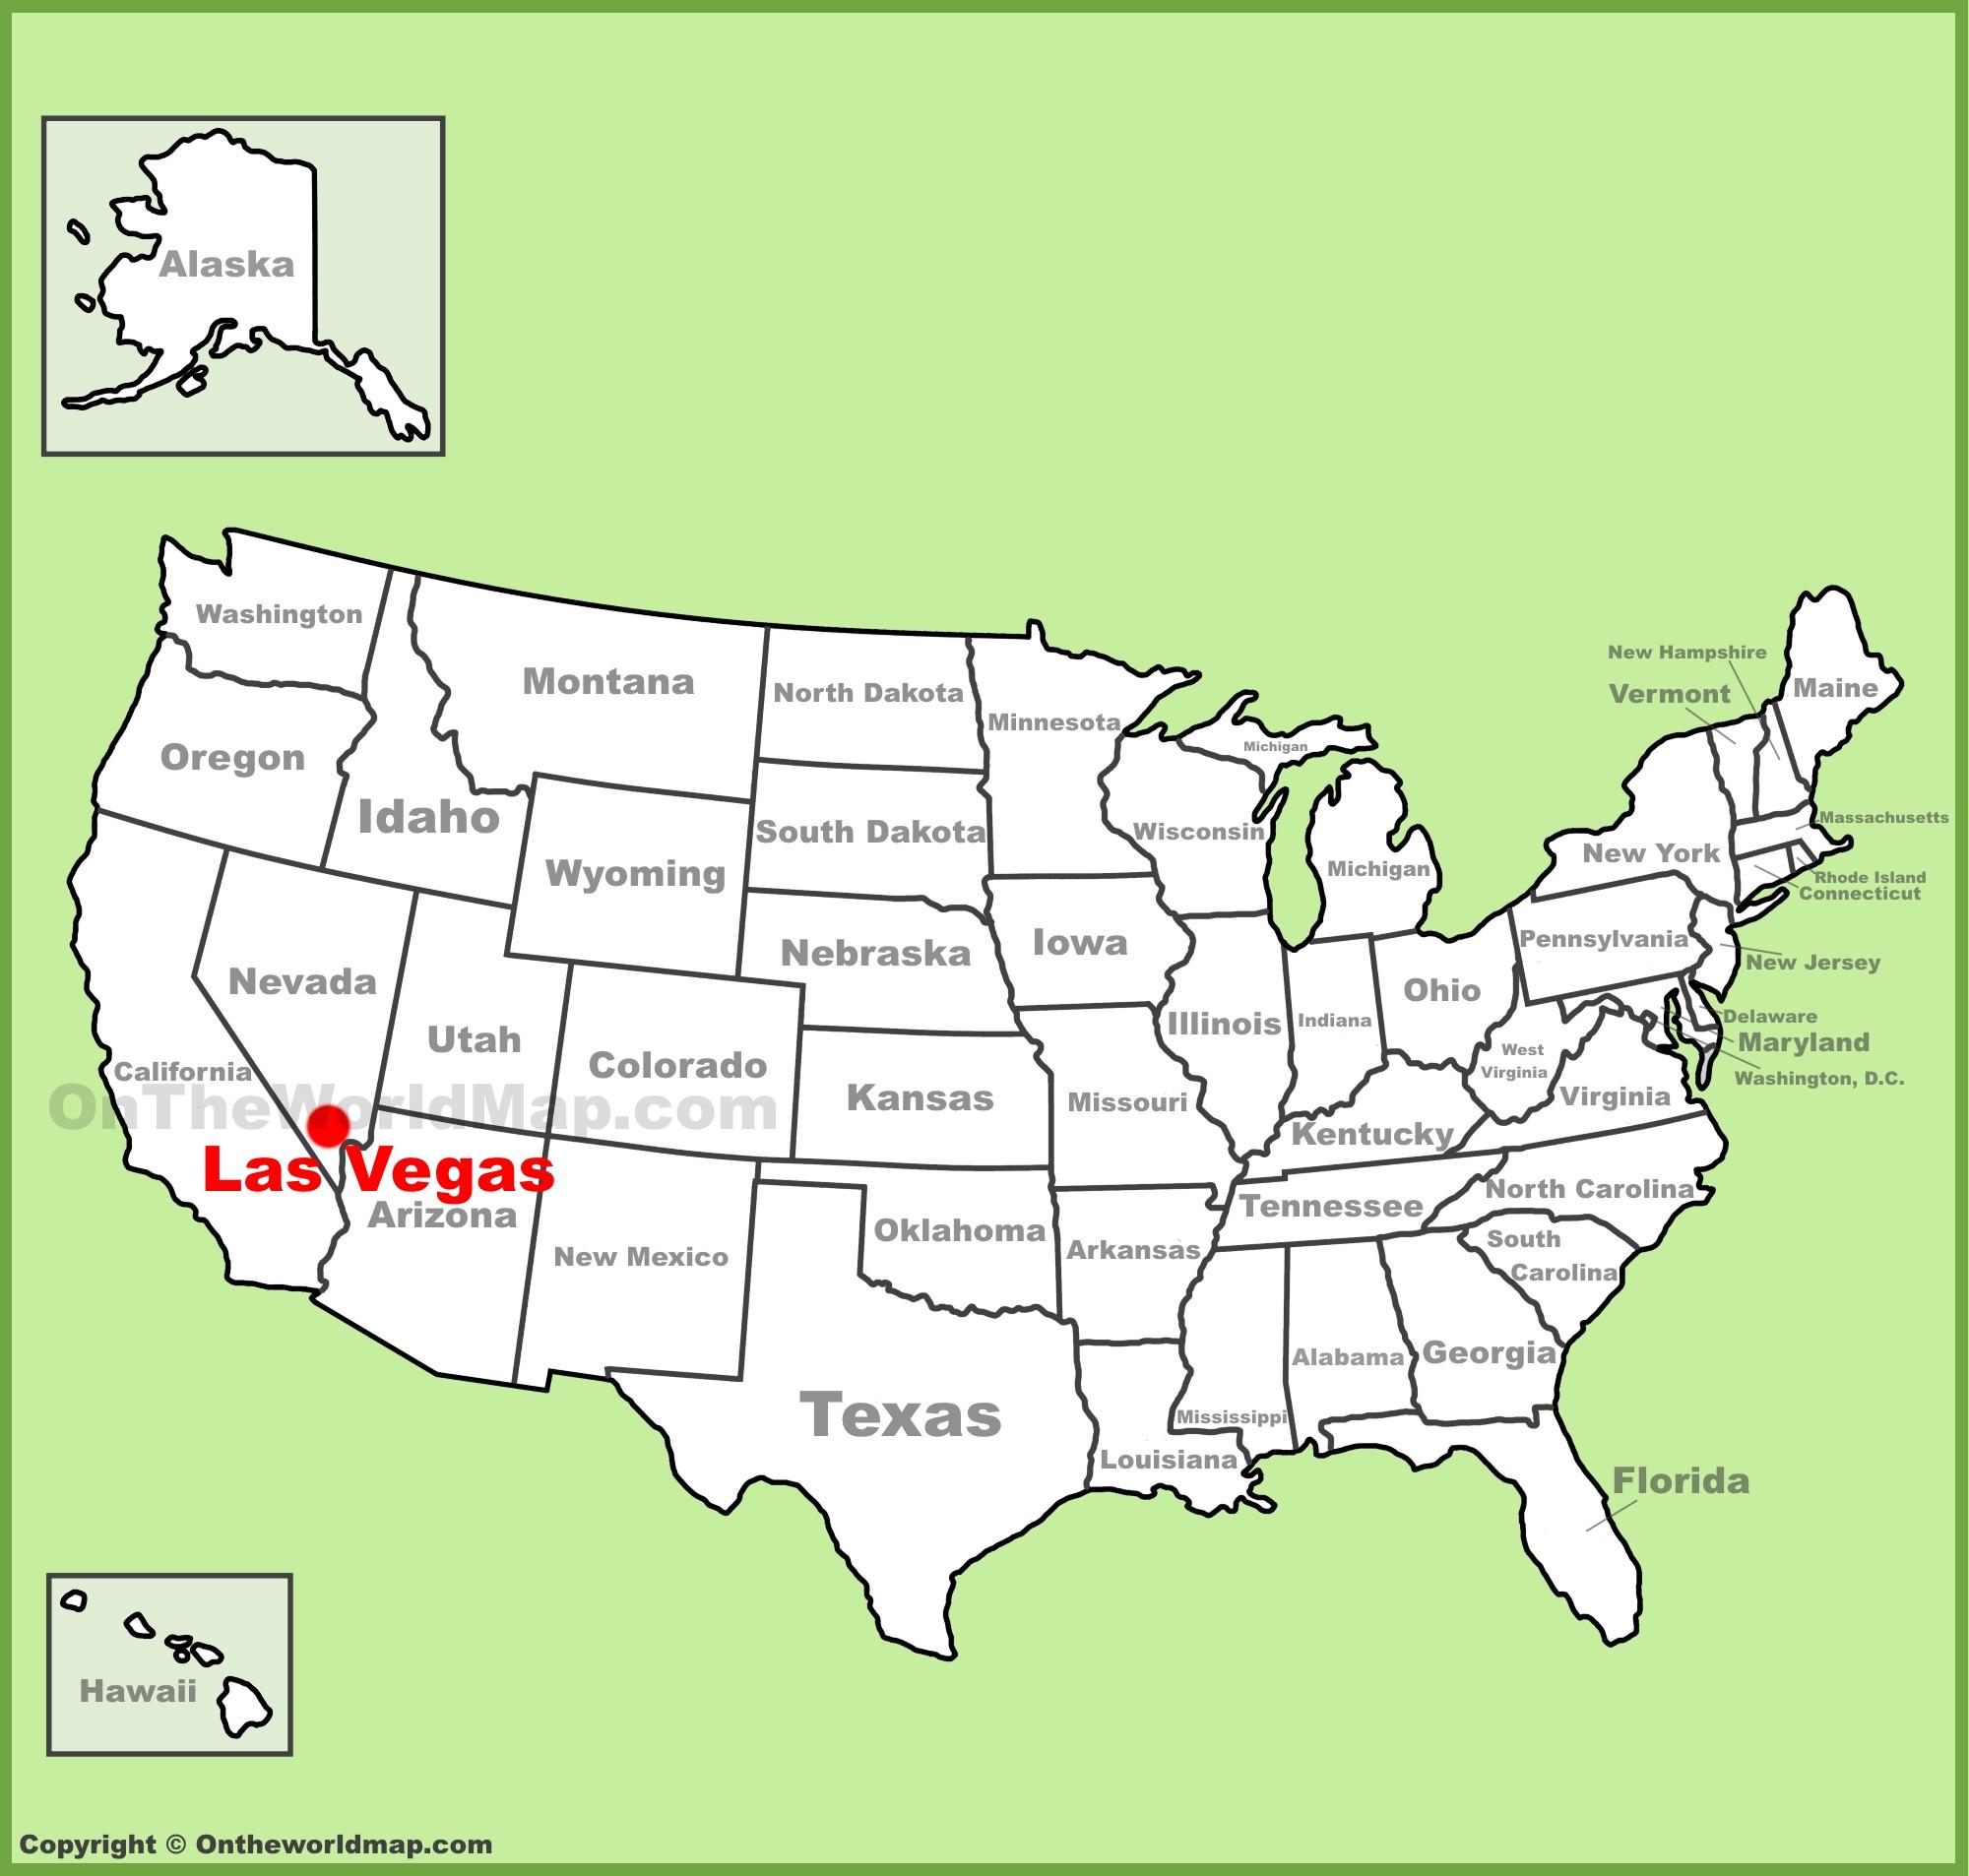 las vegas mapa Las Vegas Maps   U.S.   Maps of Las Vegas Strip las vegas mapa